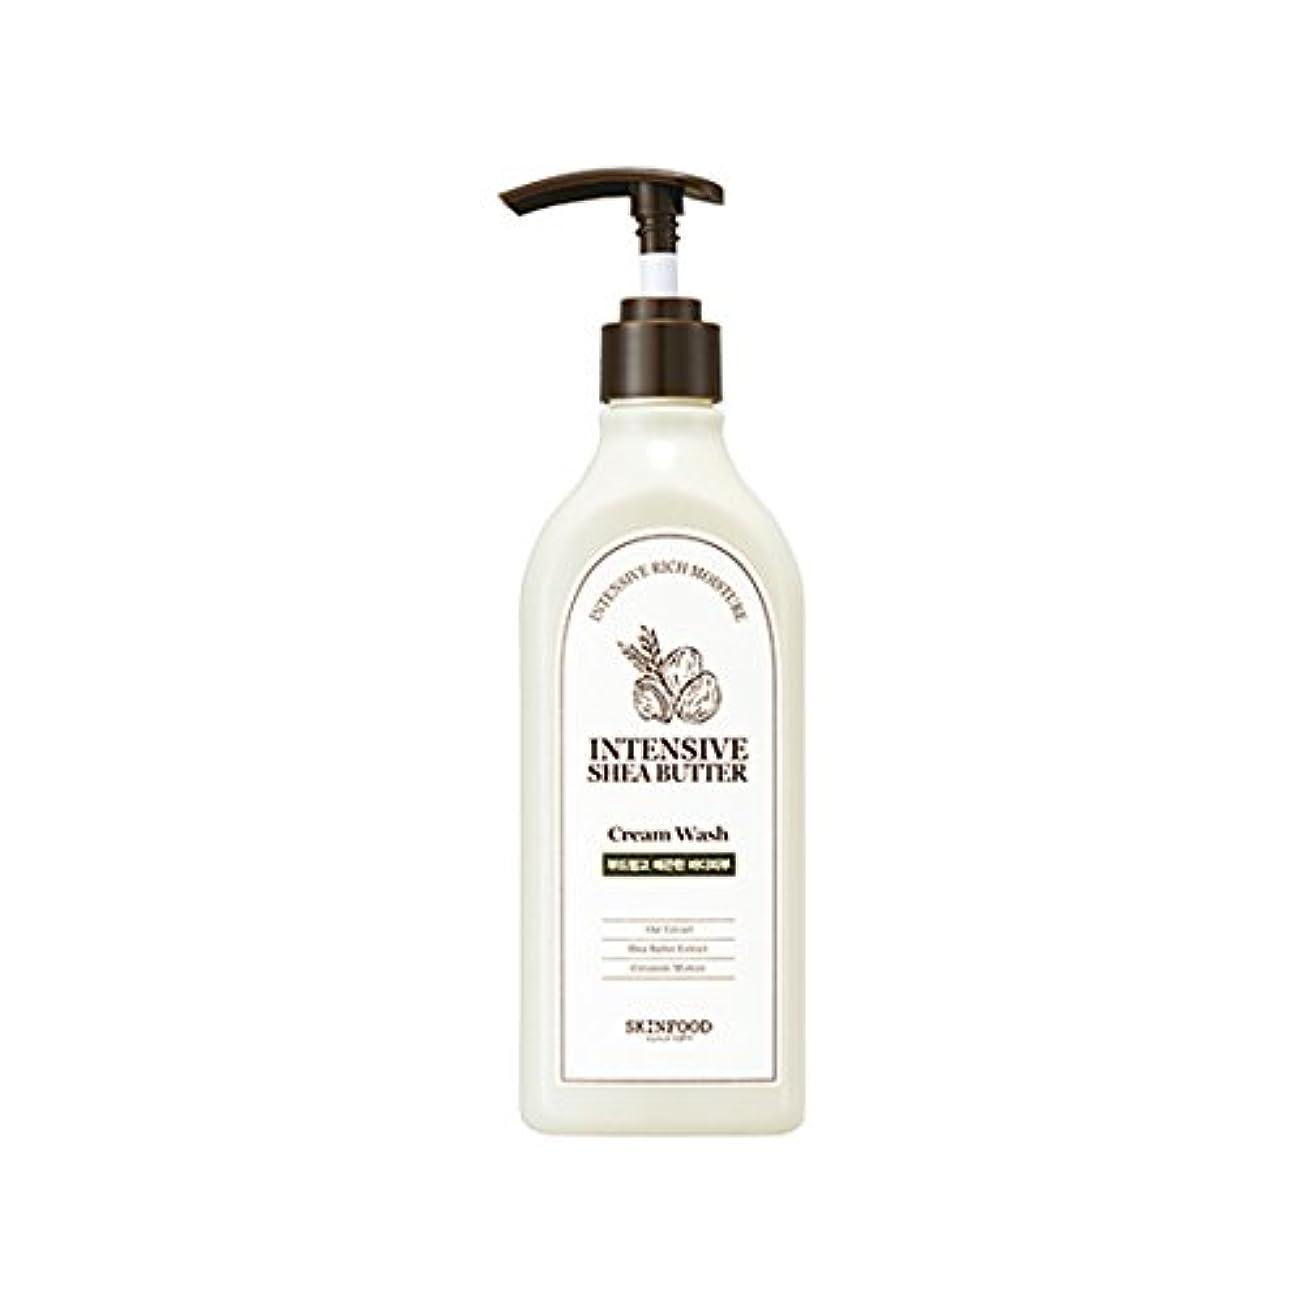 森林印象同意する[New] SKINFOOD Intensive Shea Butter Cream Wash 335ml/スキンフード インテンシブ シア バター クリーム ウォッシュ 335ml [並行輸入品]